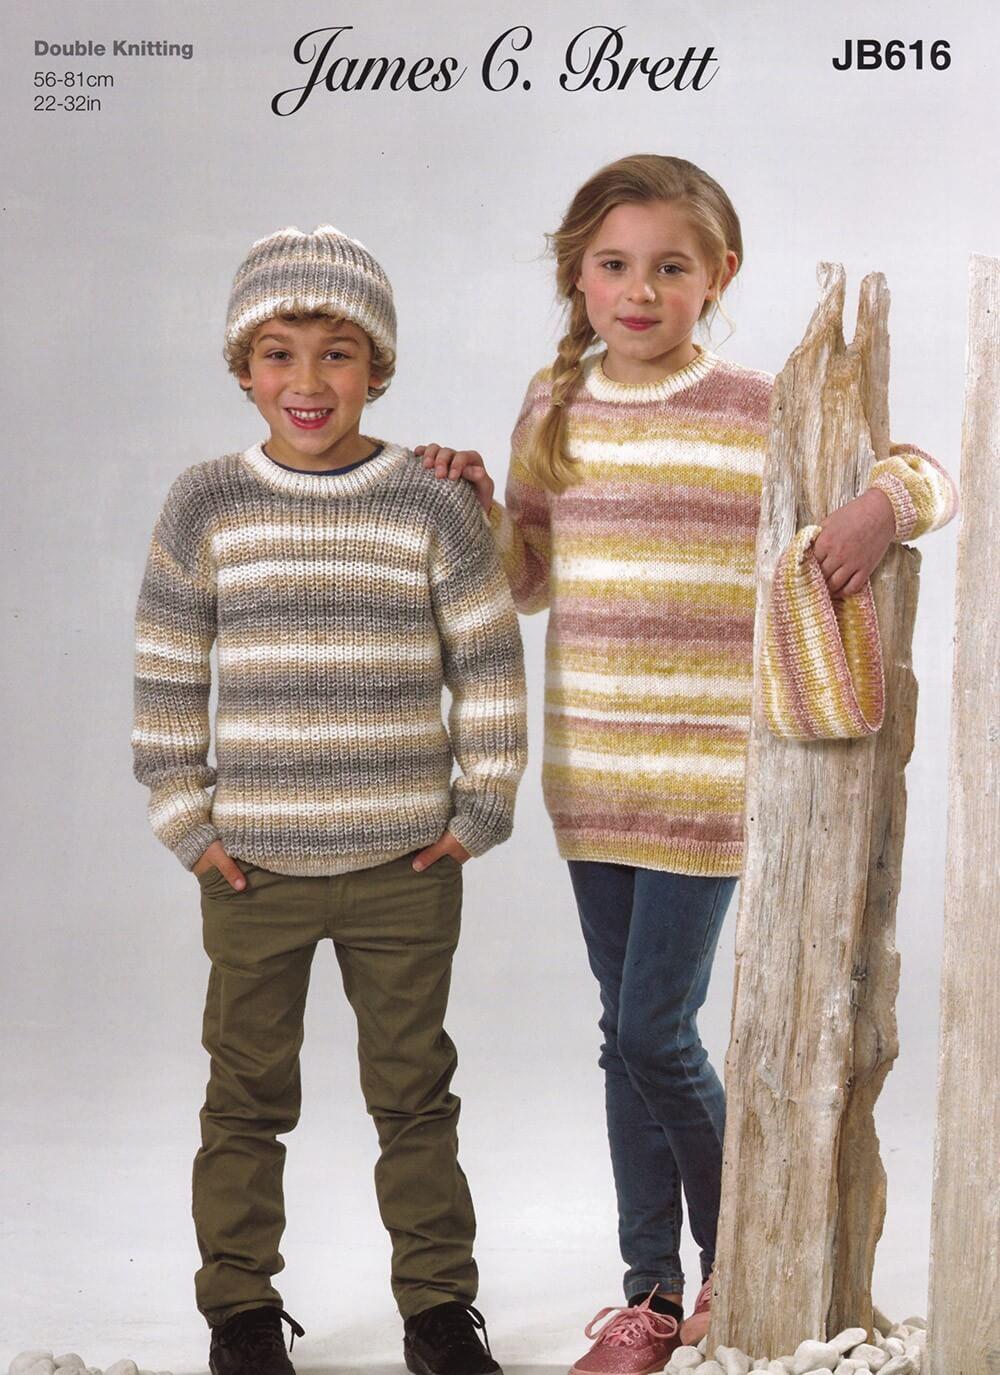 Knitting Pattern James C Brett JB616 Children's DK Jumper & Hat